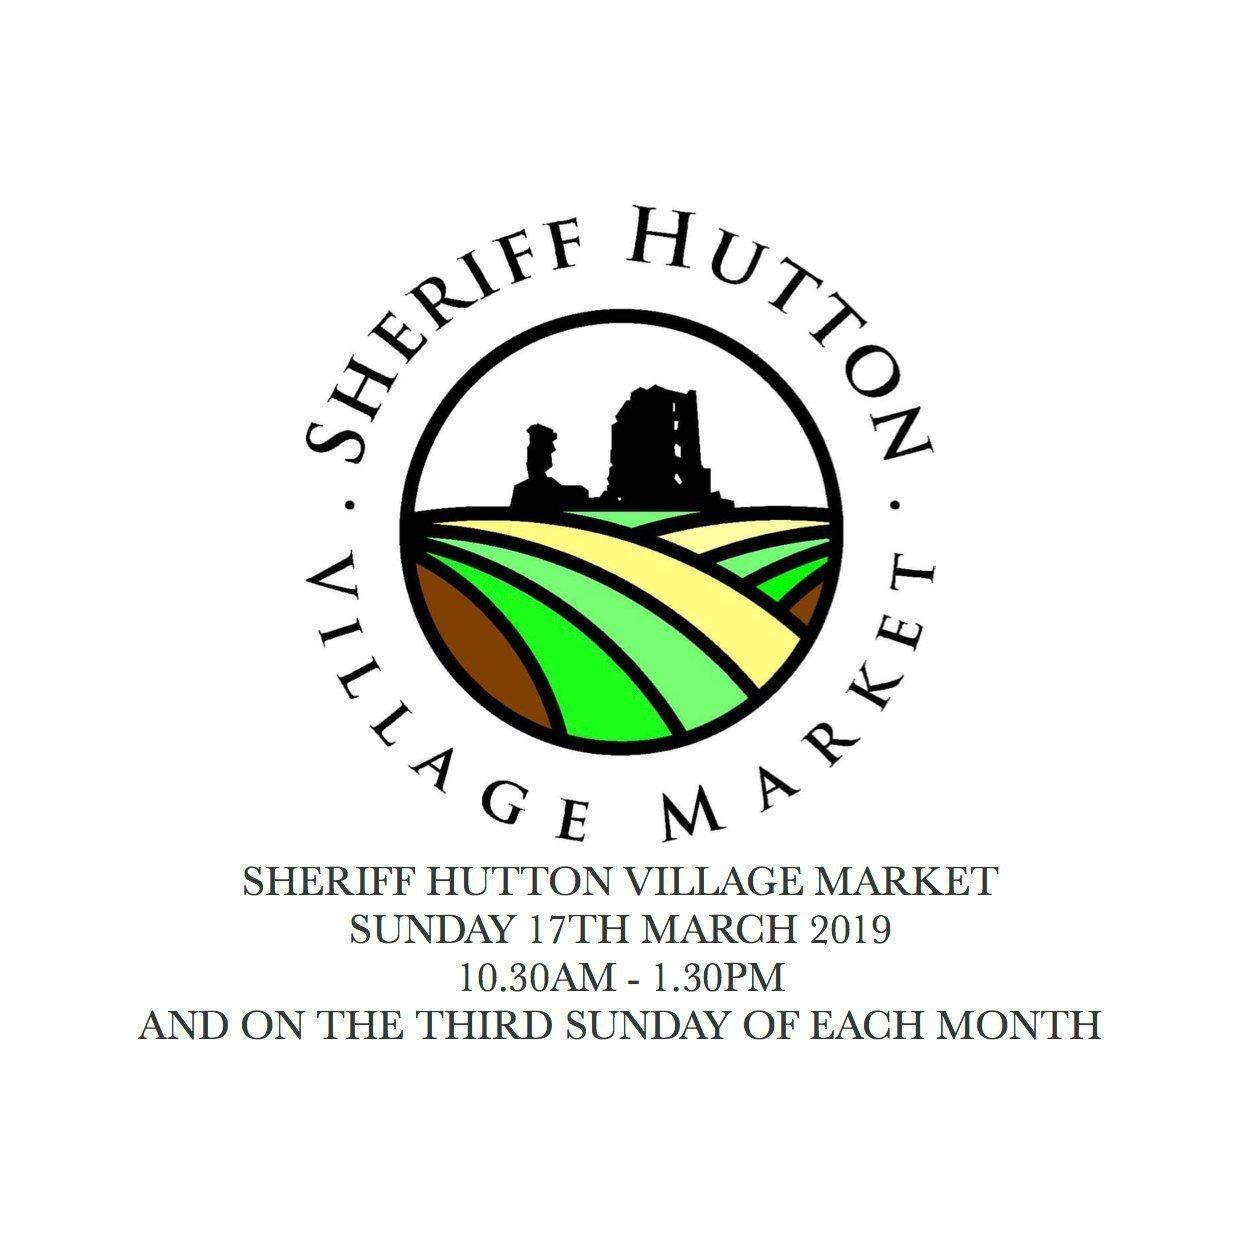 sheriff hutton village market lucy monkman stallholder